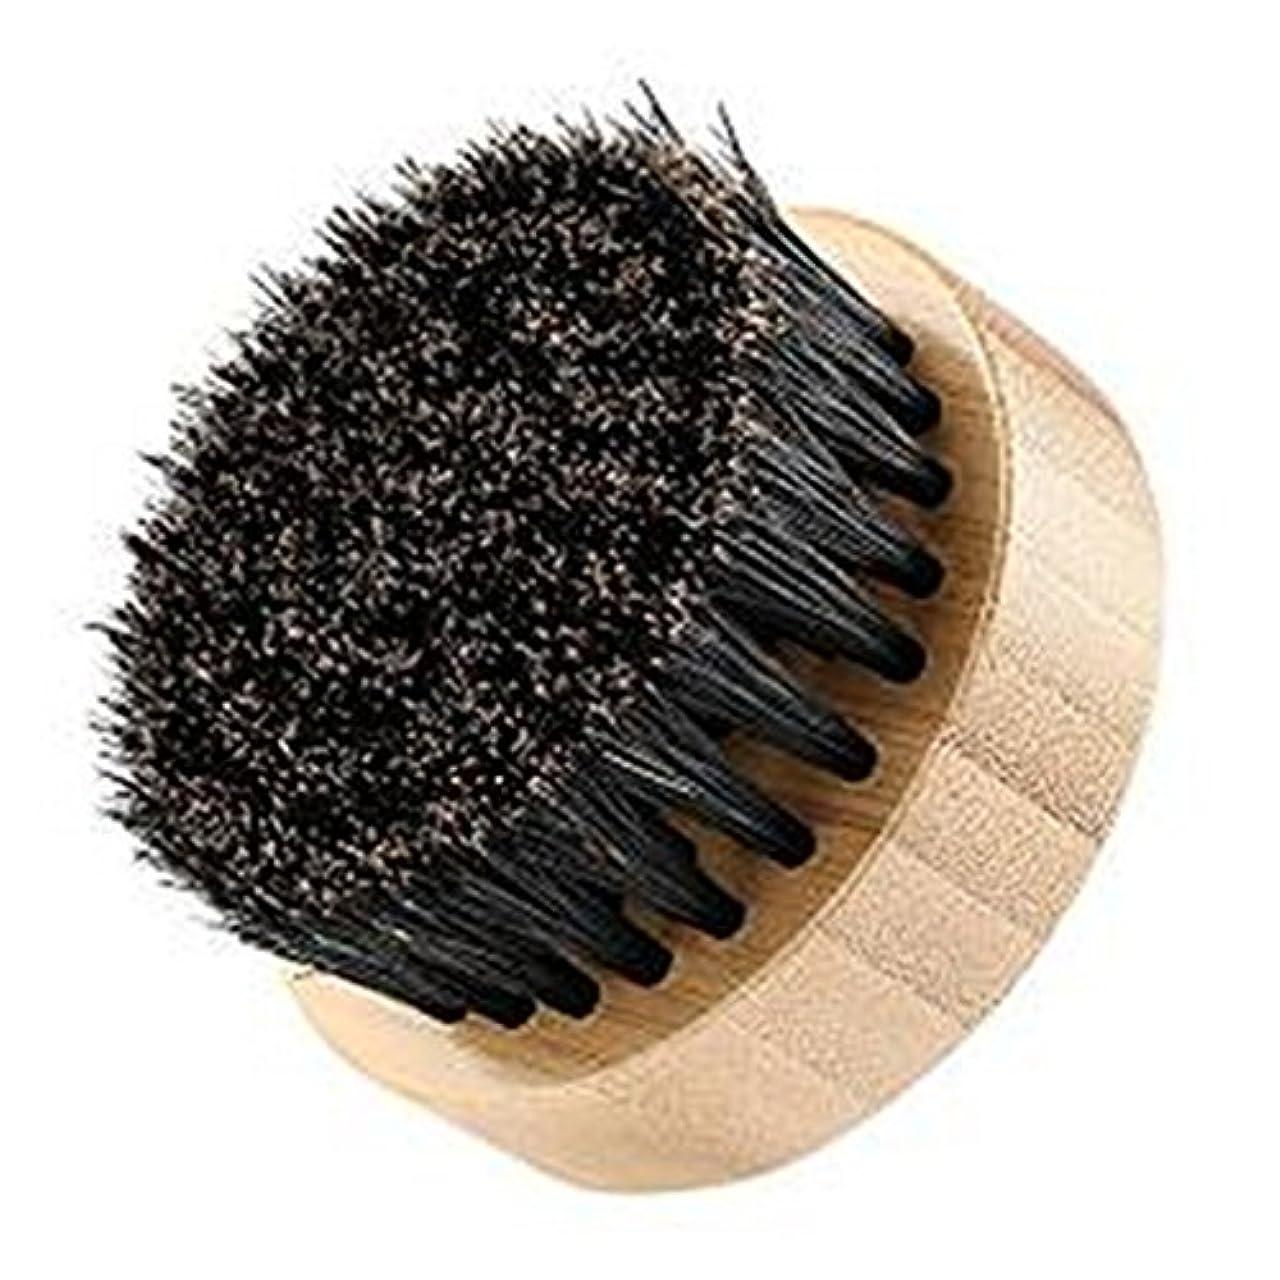 雹引き出し構造的LUXWELL(ラクスウェル) ブラシ 100% 豚毛ブラシ 天然木 髭ブラシ FH-130